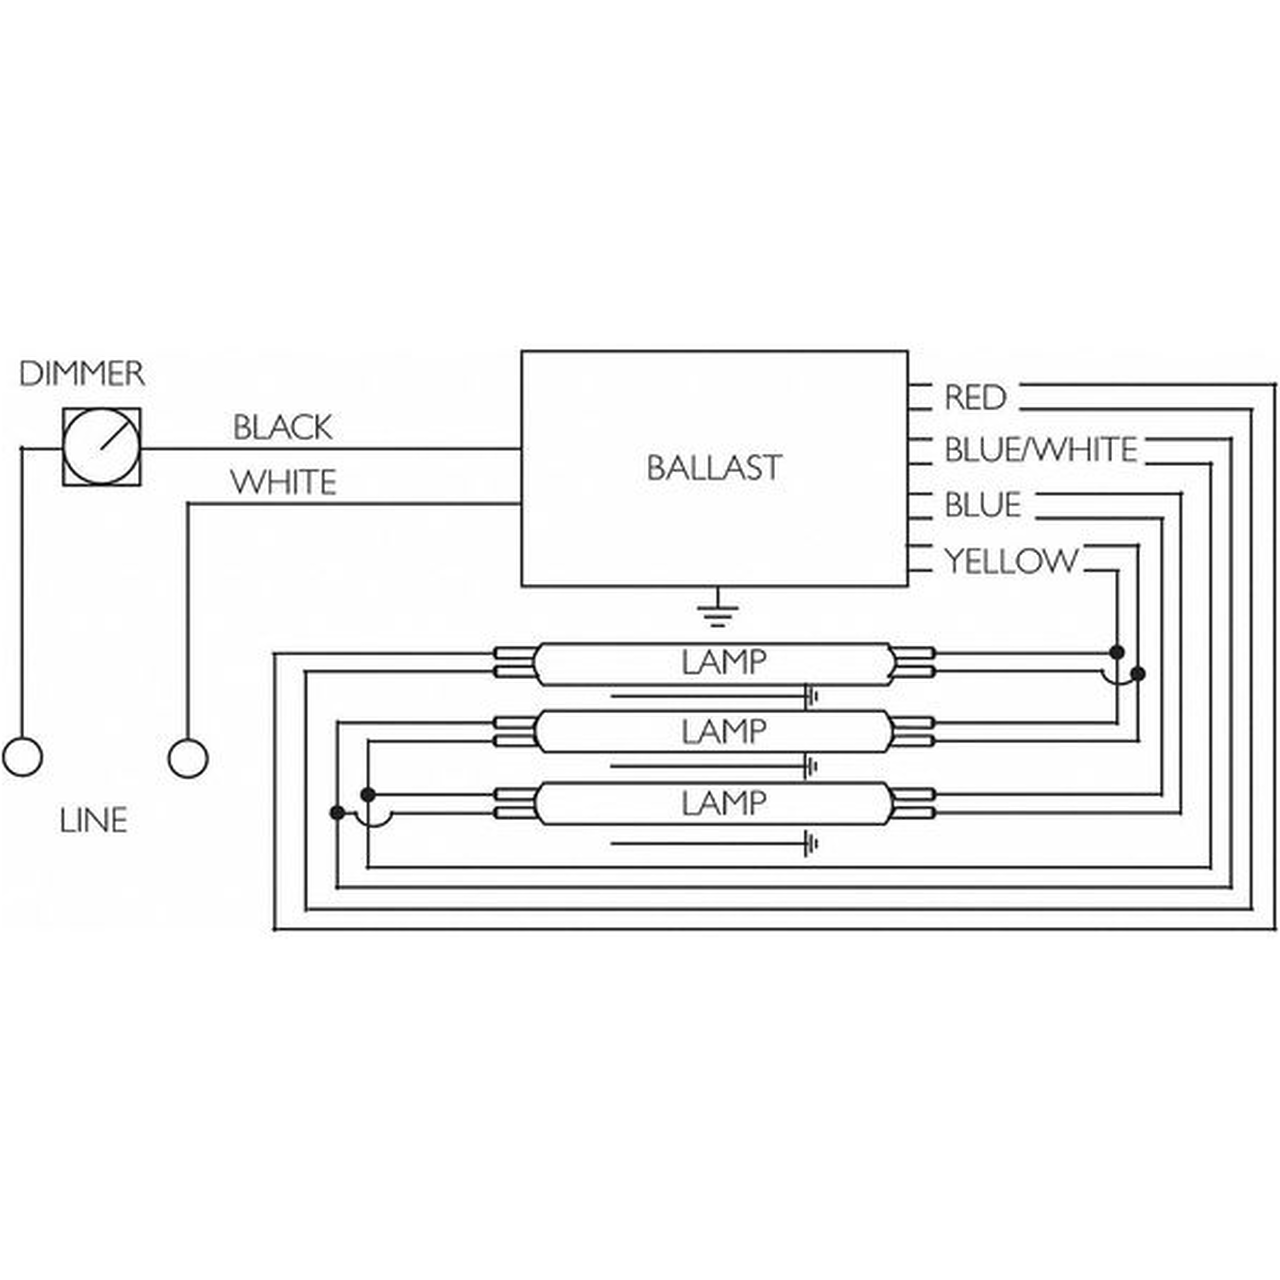 VEZ-3S32-SC Advance Electronic Fluorescent Dimming Ballast   Advance Dimming Ballast Wiring Diagram      BallastShop.com